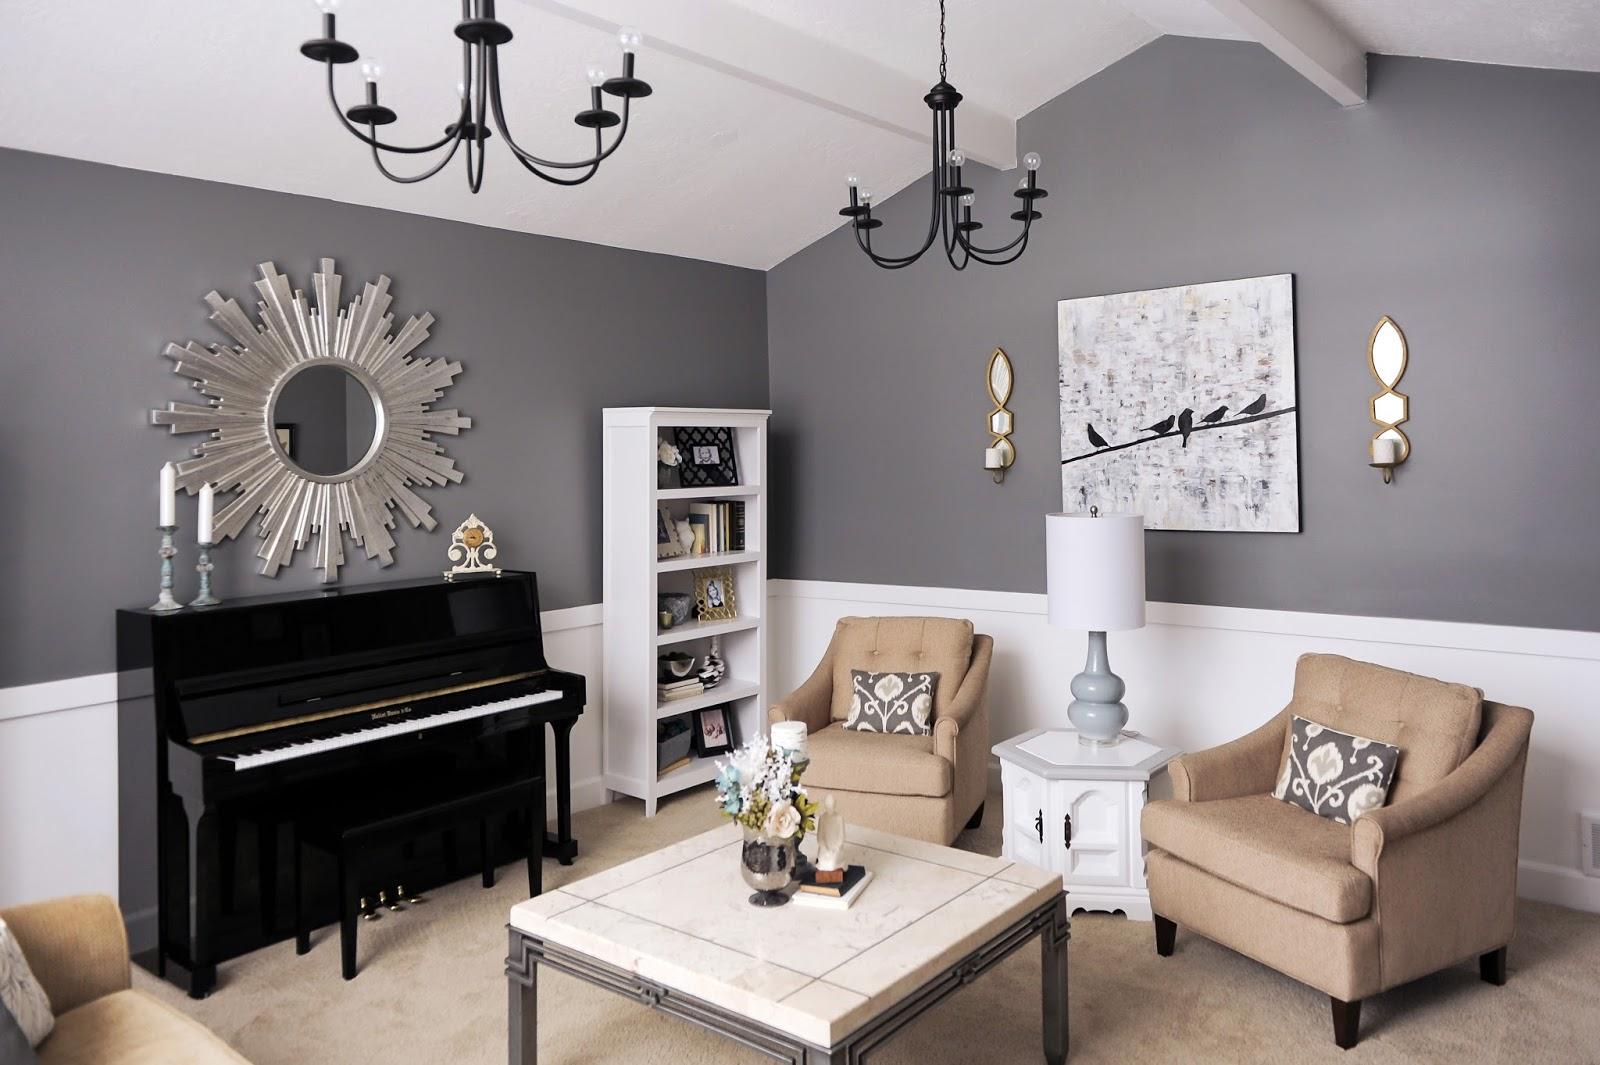 Studio 7 interior design the friday five club chairs for Moderni piani a 4 piani